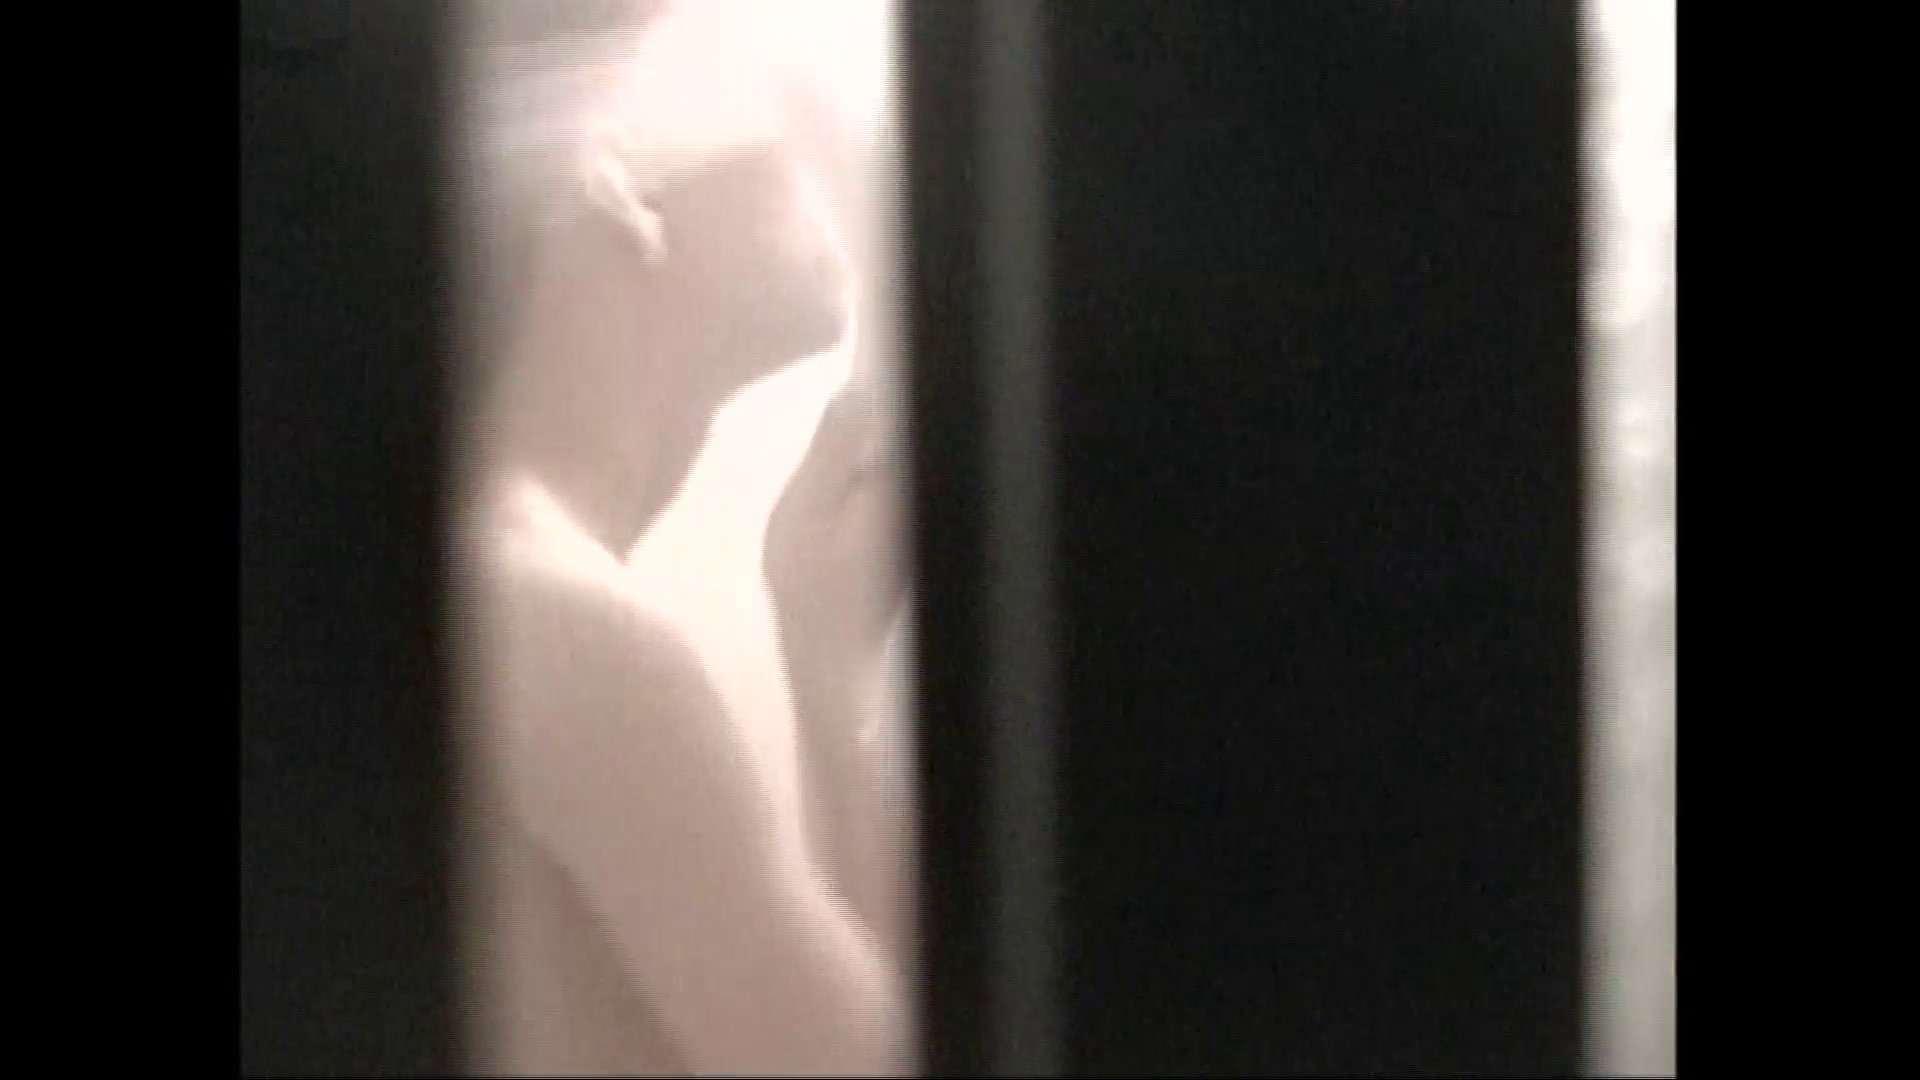 隙間からノゾク風呂 Vol.29 股をグイッとひらいて・・・。 OL   入浴シーン  89連発 69